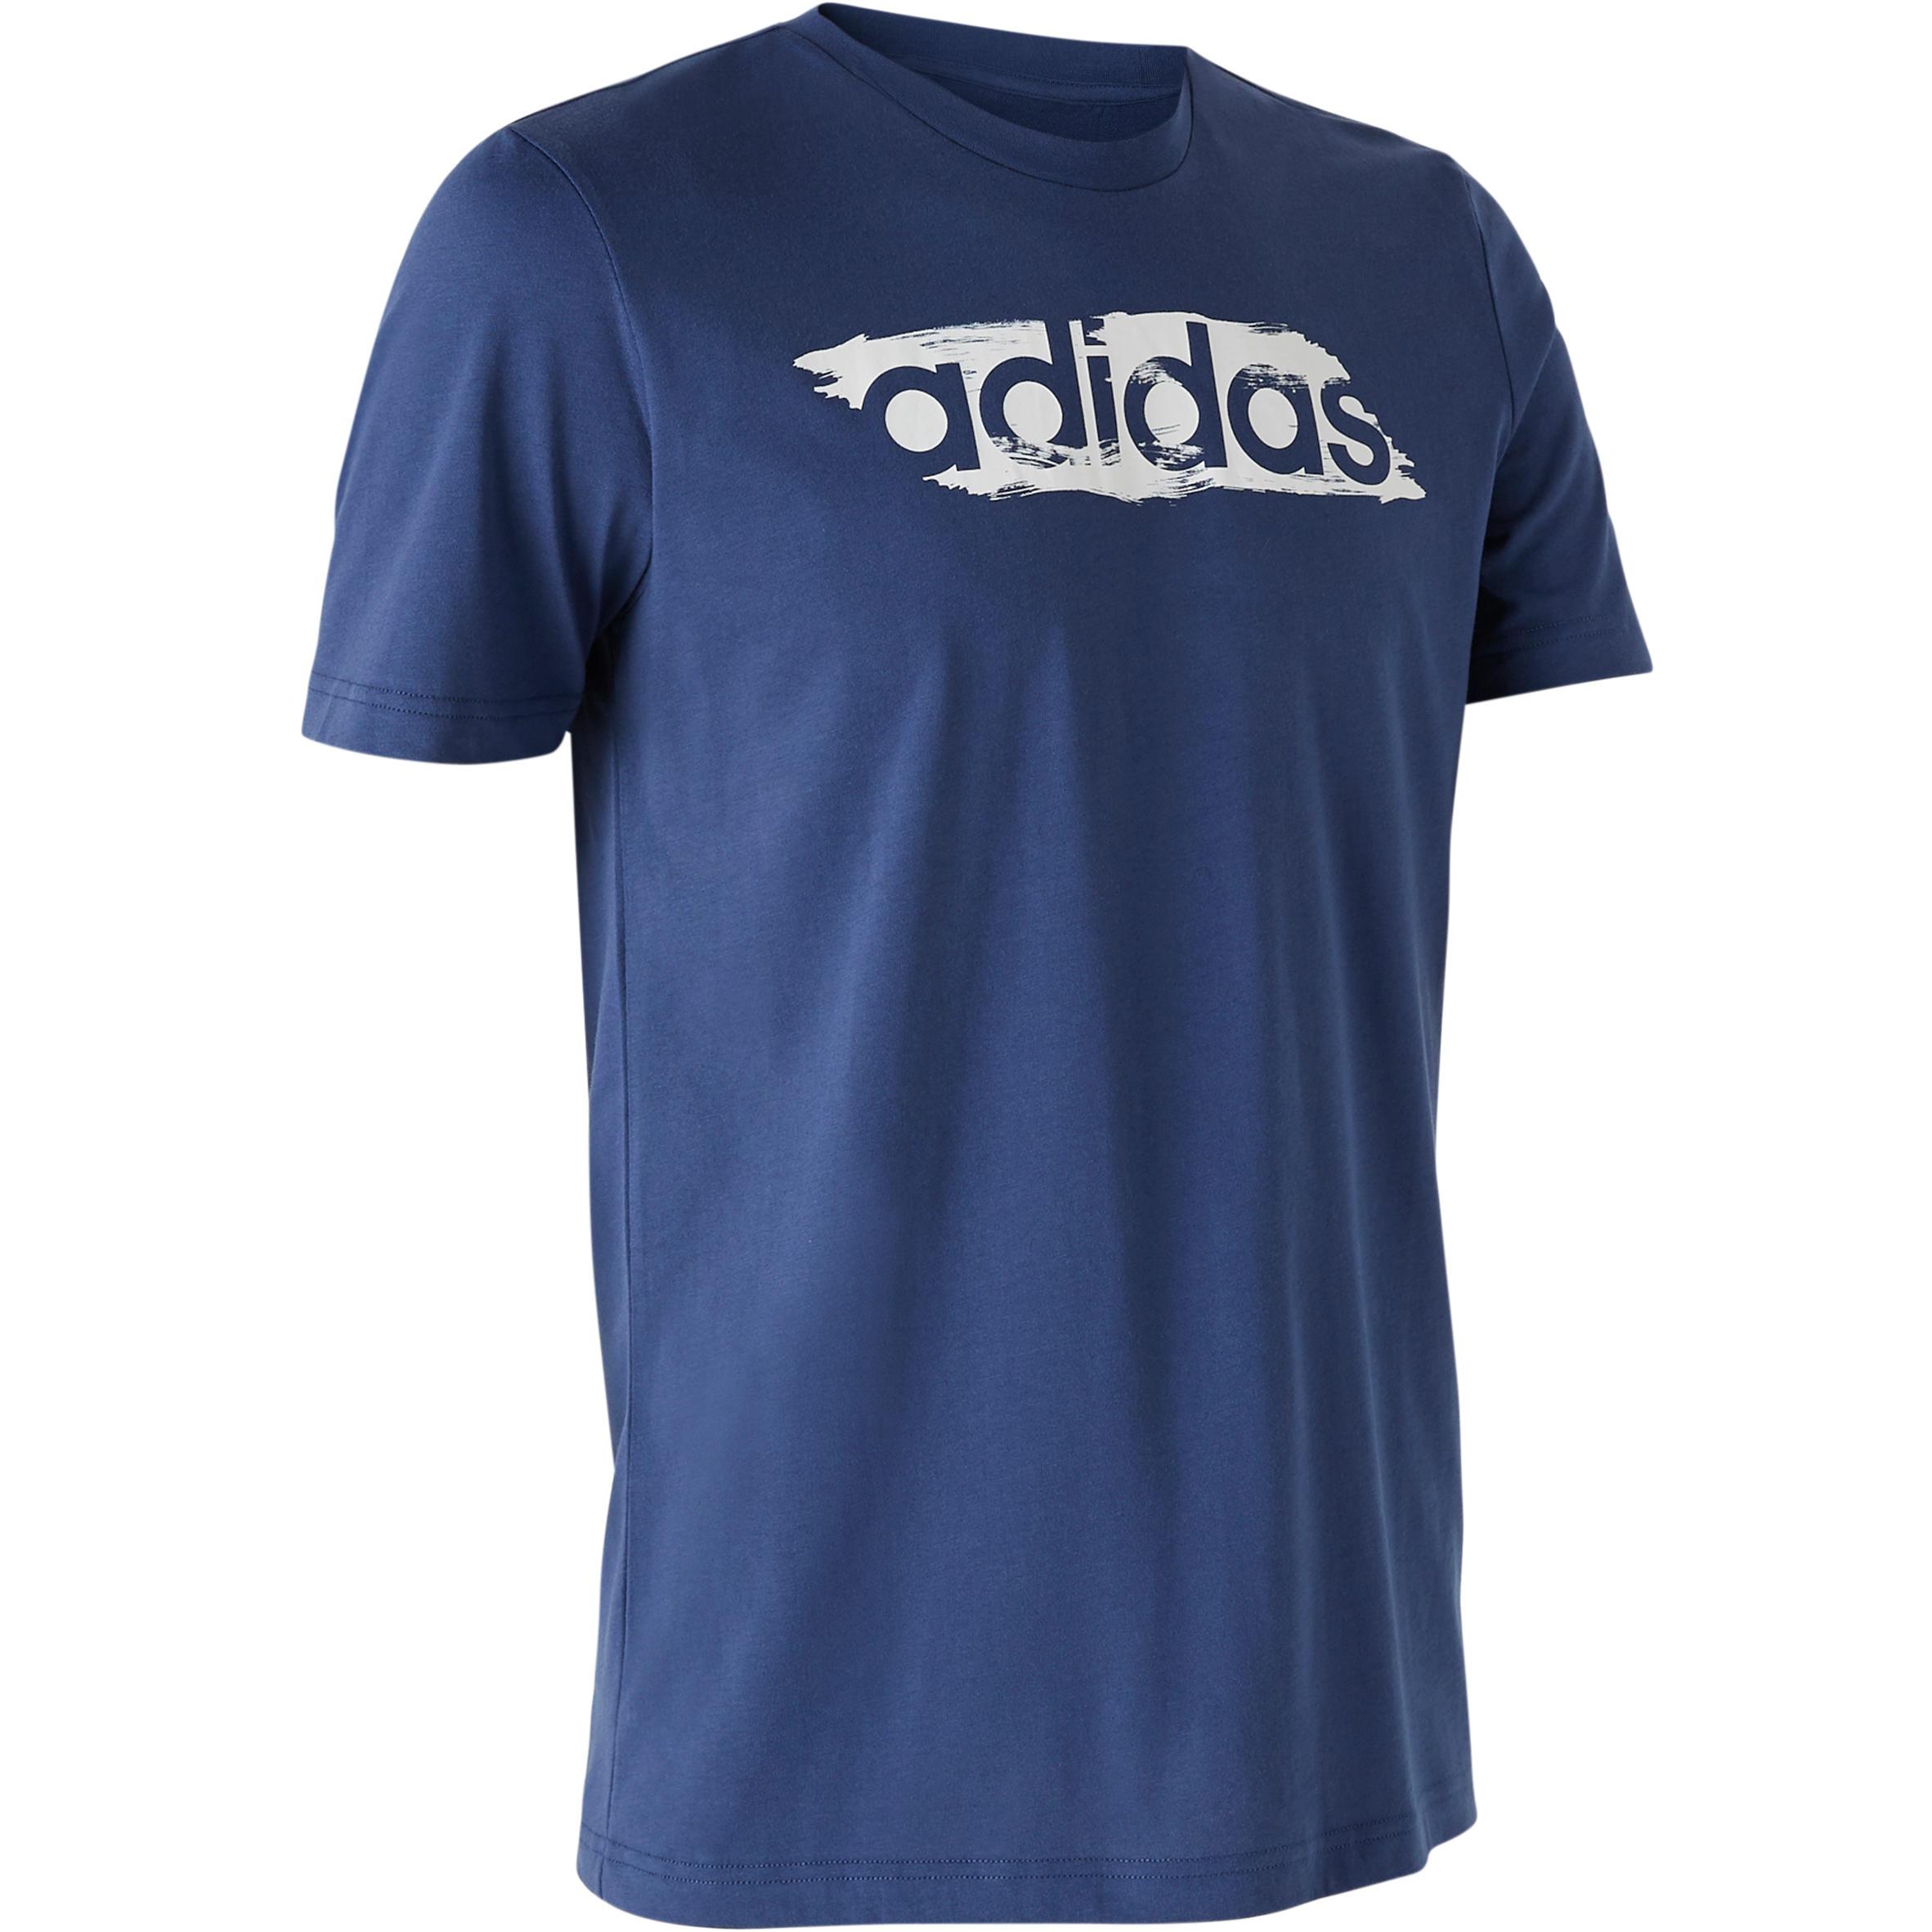 grano Oferta perdonar  camiseta adidas hombre decathlon - Tienda Online de Zapatos, Ropa y  Complementos de marca